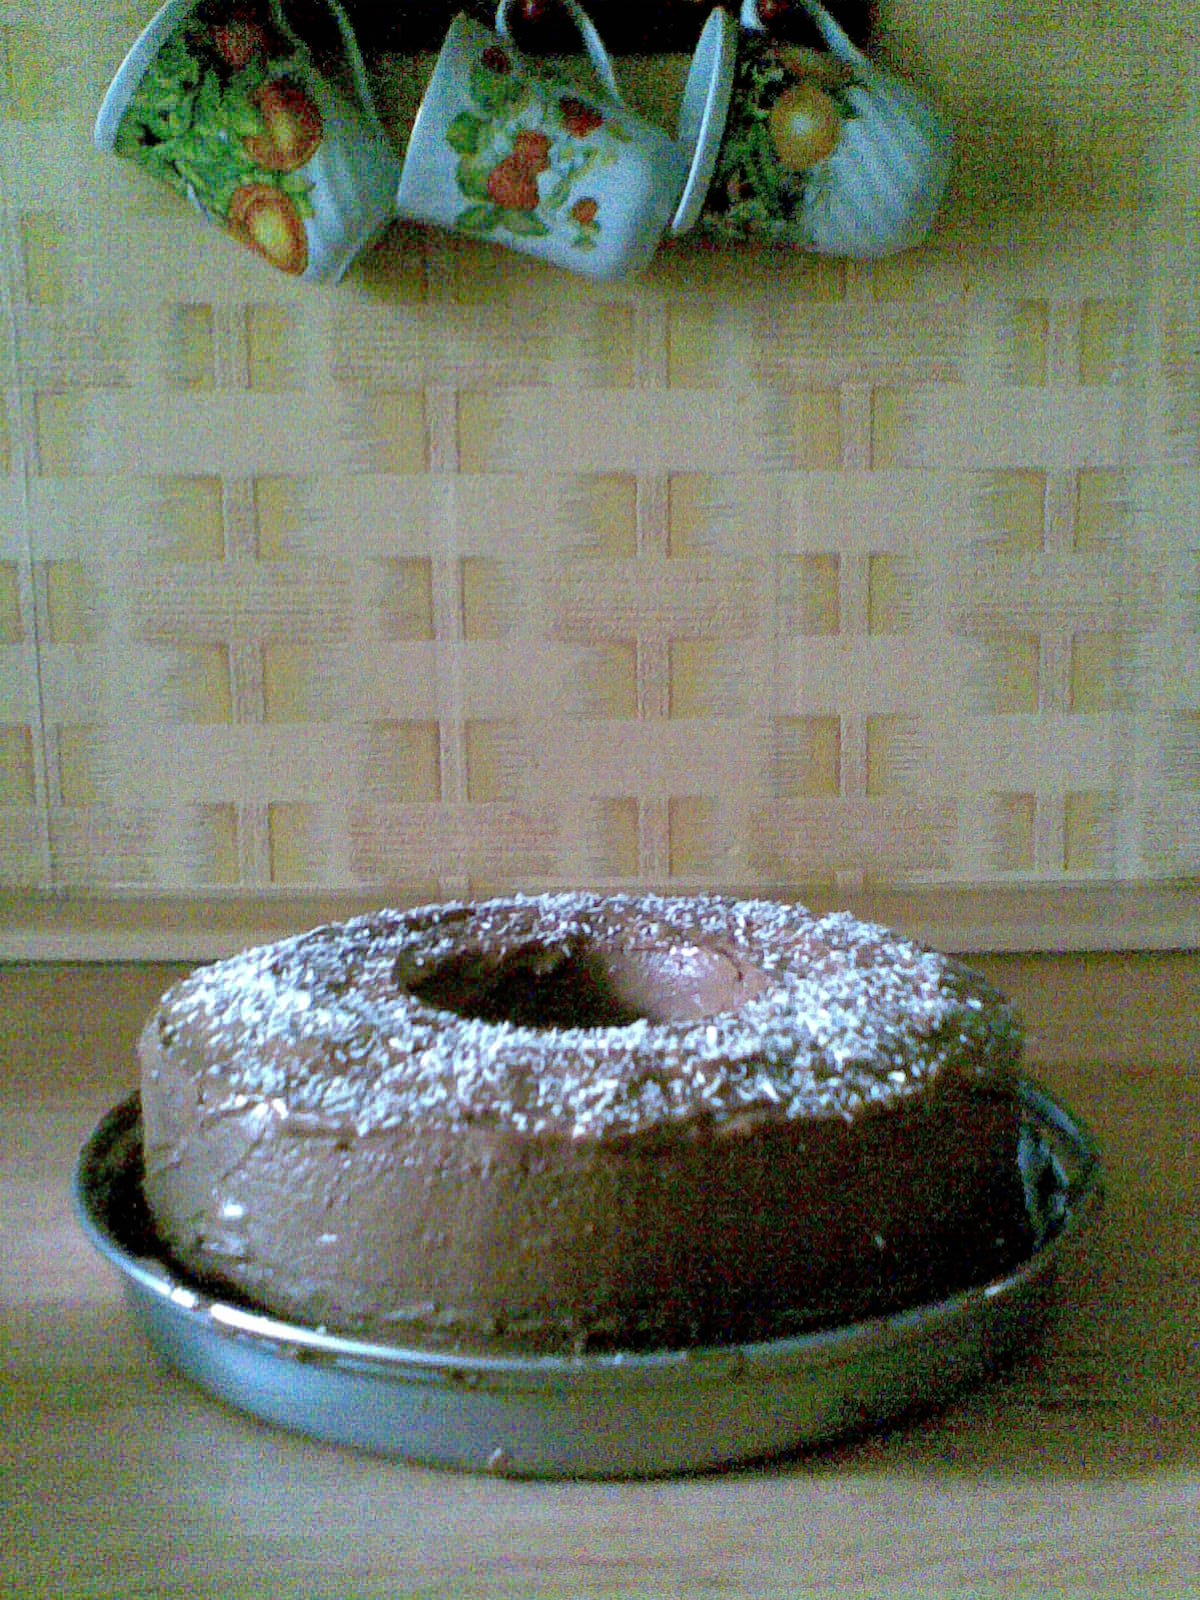 Recept Babiččina olejová bábovka - olejová bábovka s čokoládou a posypaná kokosem